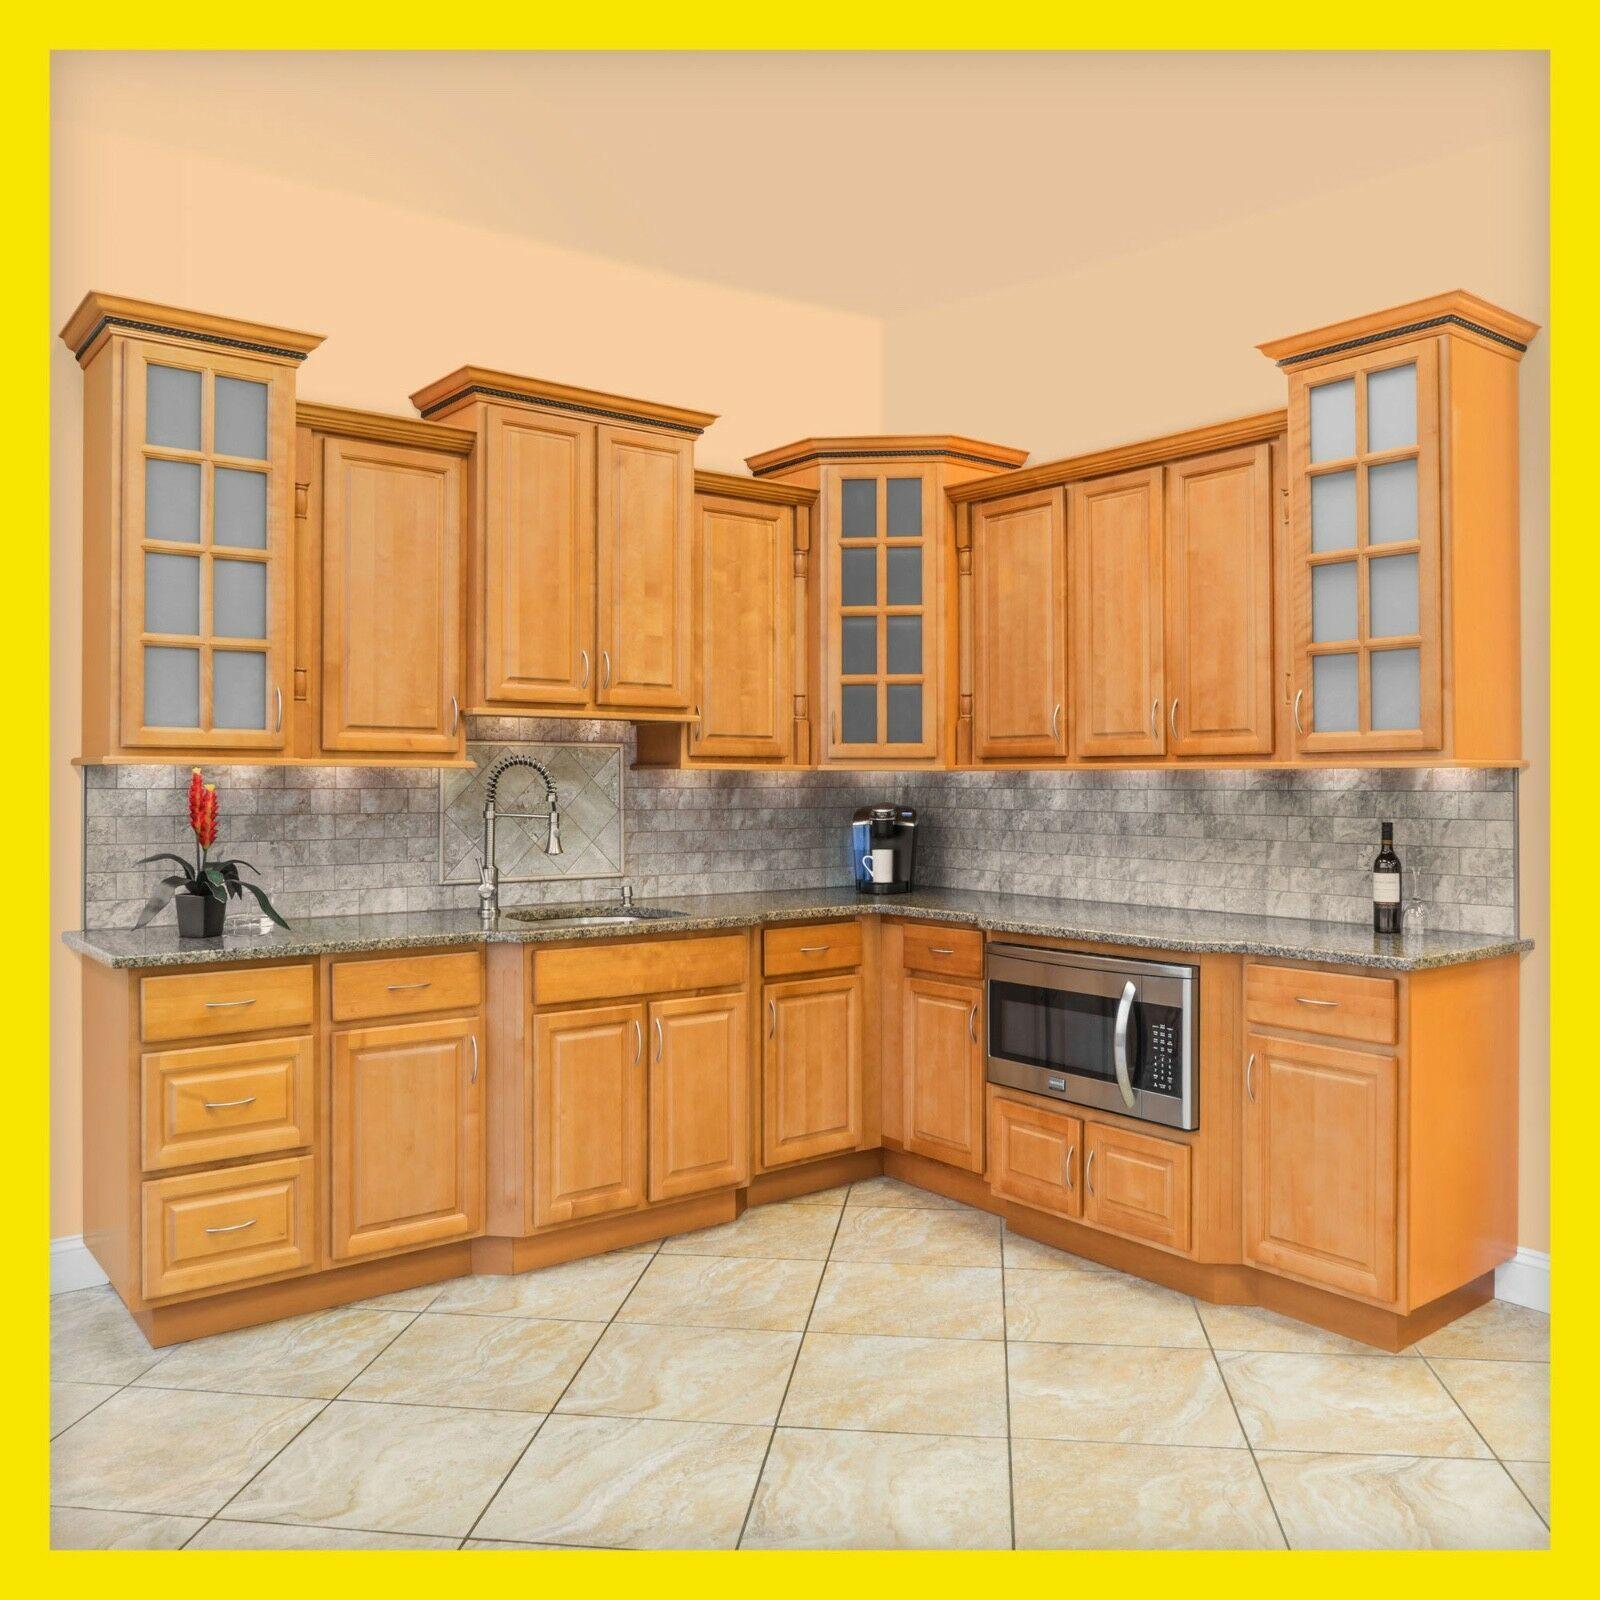 10x10 All Wood Kitchen Cabinets Rta Richmond Cheap Kitchen Cabinets Kitchen Cabinets For Sale Wood Kitchen Cabinets